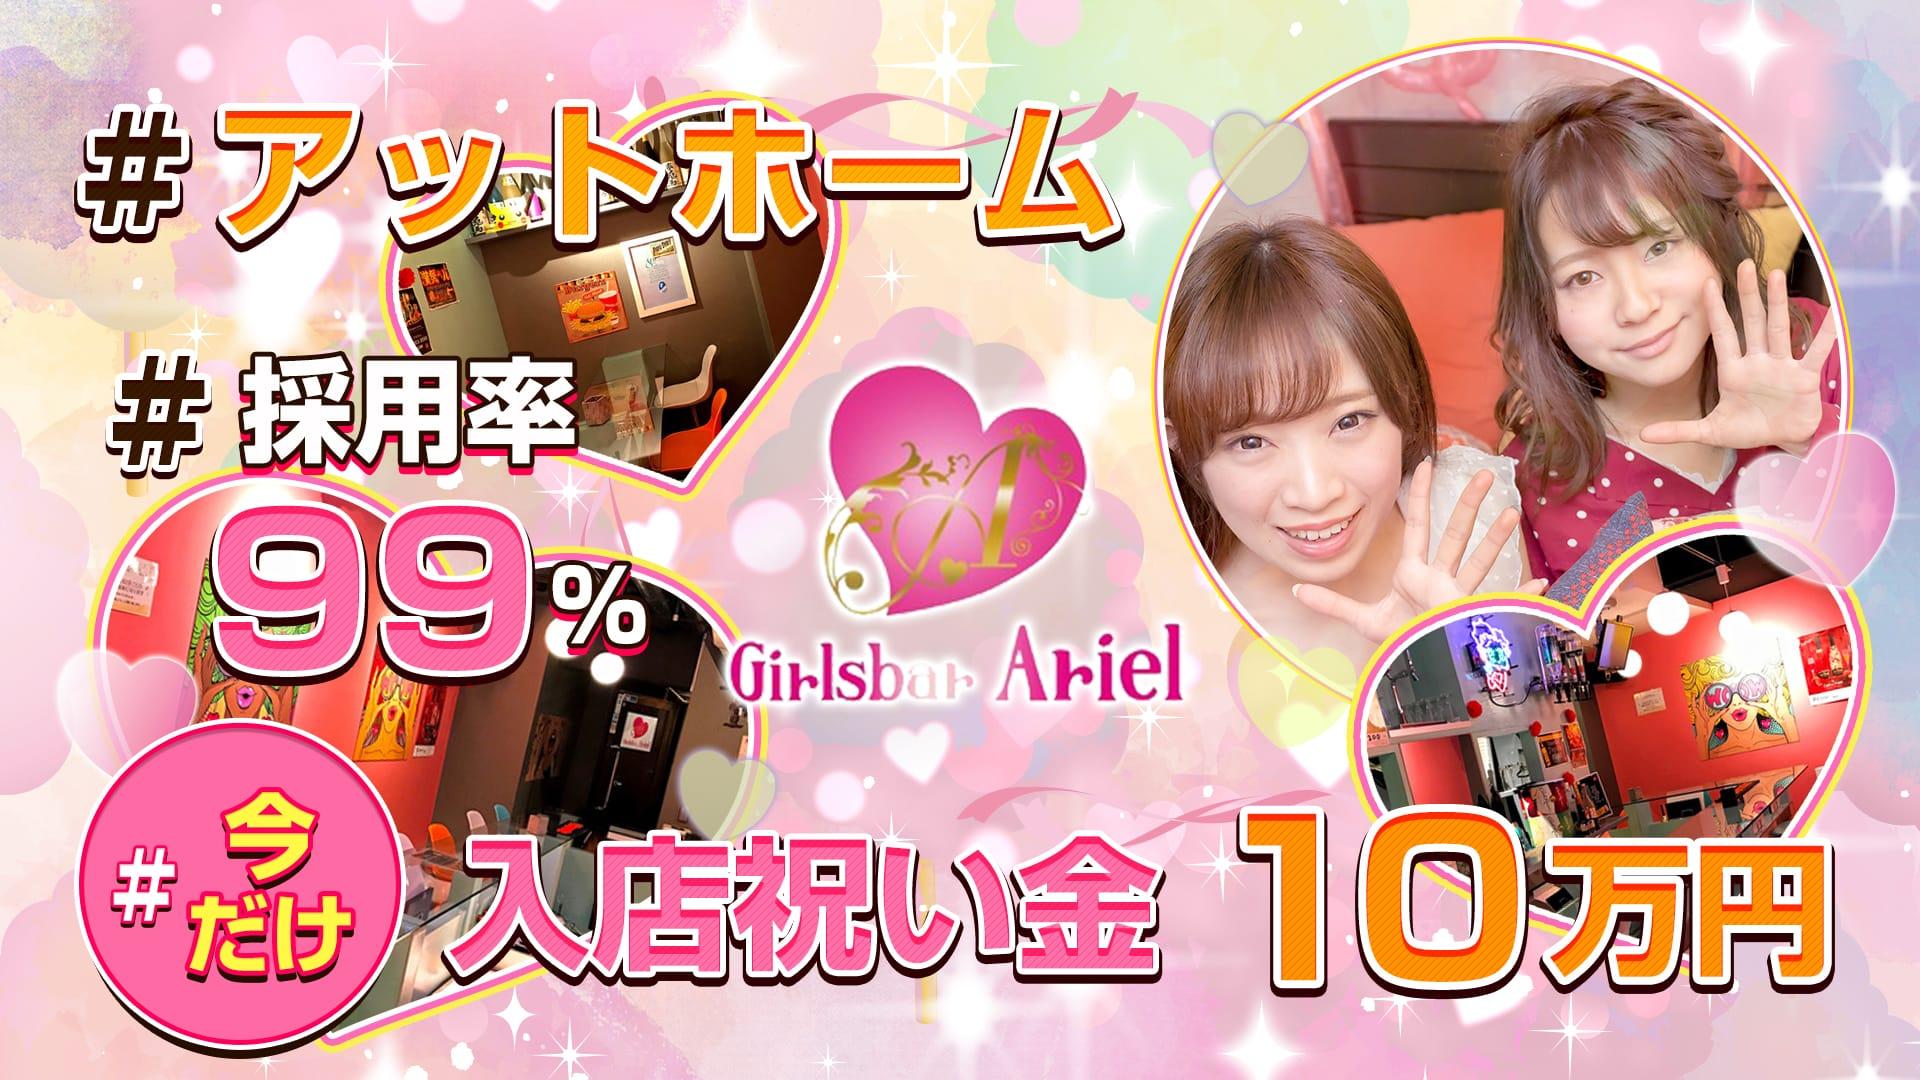 Girlsbar Ariel(アリエル) 仙川ガールズバー TOP画像